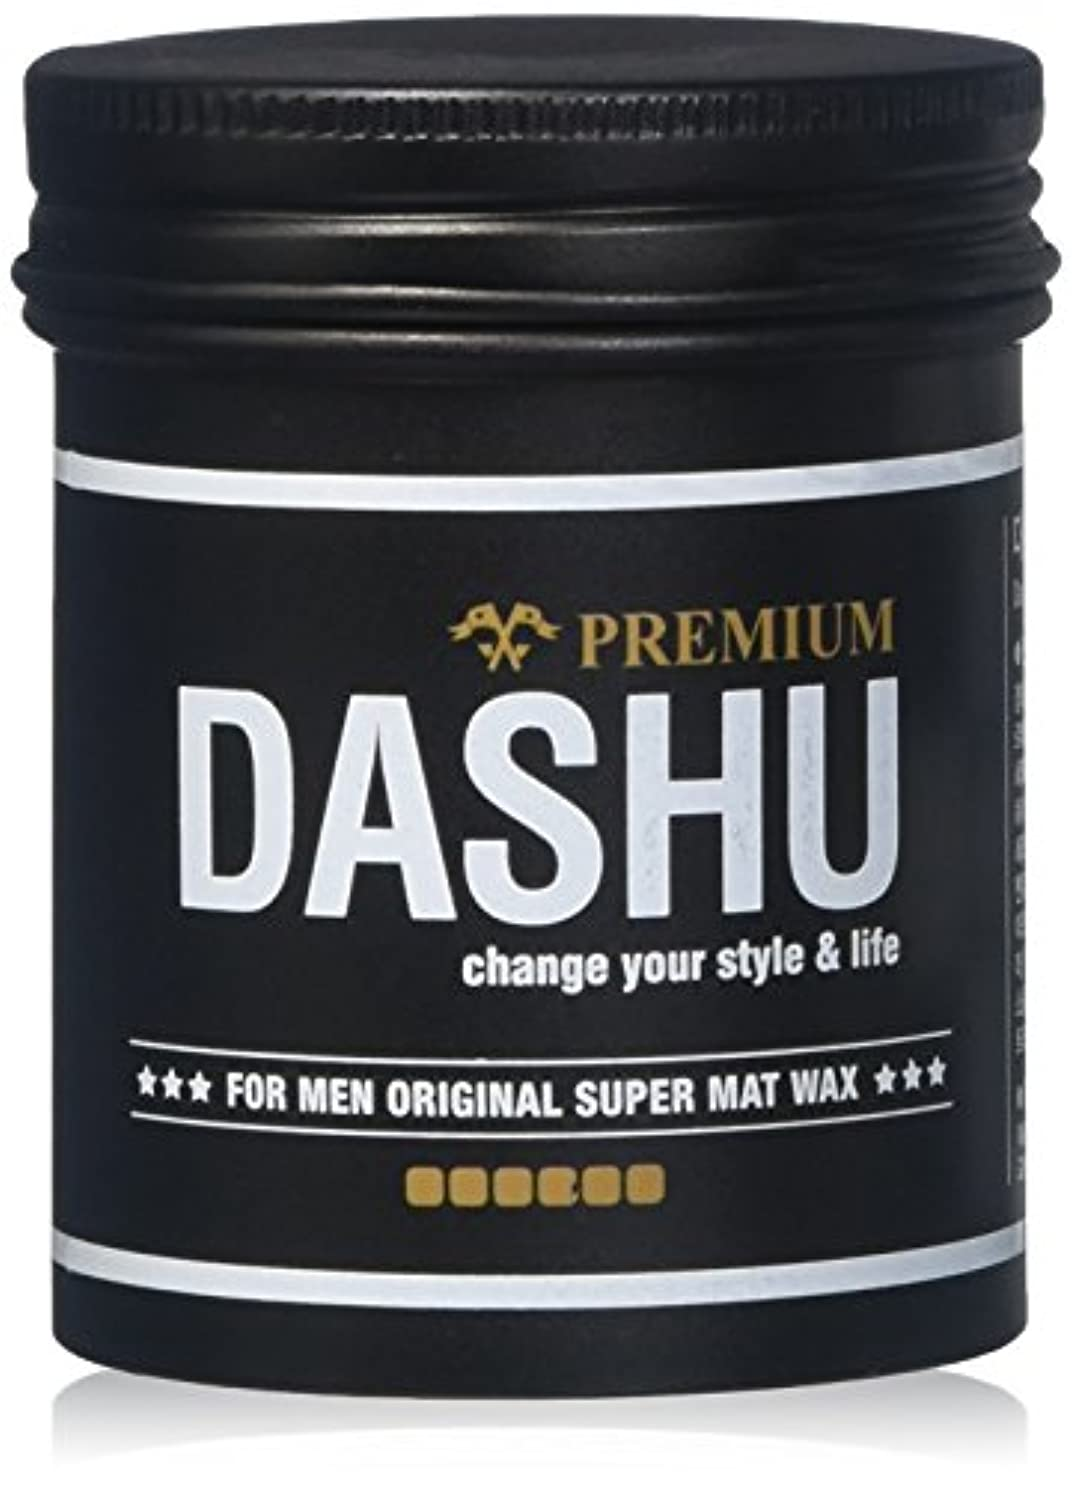 活力水没栄光[DASHU] ダシュ For Men男性用 オリジナルプレミアムスーパーマットワックス Original Premium Super Mat Wax 100ml / 韓国製 . 韓国直送品